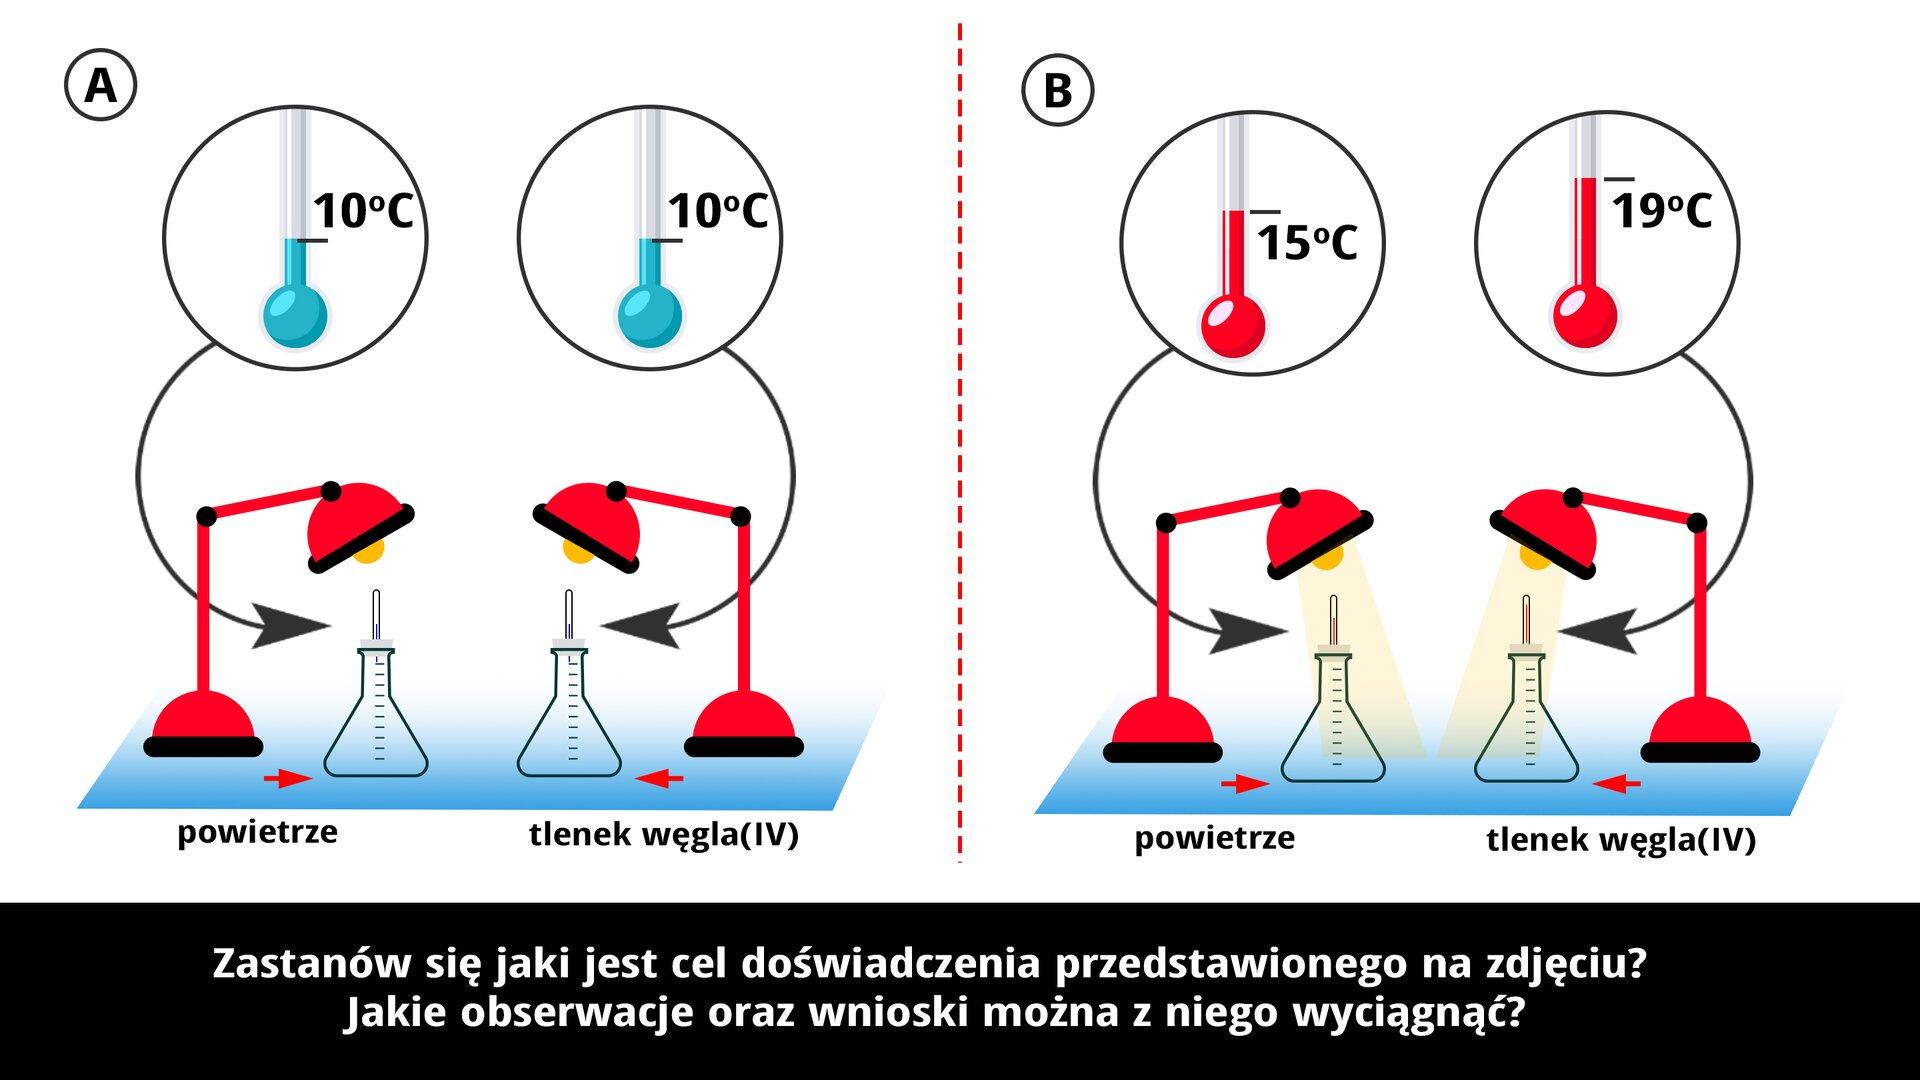 """Ilustracja składa się zdwóch obrazków """"A"""" i""""B"""". Przedstawiają one doświadczenie – zachowanie się tlenku węgla wzależności od temperatury. Na każdym zrysunków widoczne są termometry wskazujące temperaturę, naczynia laboratoryjne ilampki je oświetlające. Na rysunku Awpierwszym naczyniu znajduje się powietrze, awdrugim naczyniu umieszczony jest tlenek węgla cztery. Obie substancje są poddane działaniu temperatury dziesięciu stopniu Celsjusza. Na rysunku Bwpierwszym naczyniu również znajduje się powietrze, awdrugim naczyniu także umieszczony jest tlenek węgla cztery. Na rysunku Bsubstancje poddane są działaniu wyższej temperatury niż na rysunku A jest to piętnaście stopni Celsjusza. Udołu widnieje napis: """"Zastanów się, jaki jest cel doświadczenia przedstawionego na zdjęciu? Jakie obserwacje oraz wnioski można ztego wyciągnąć?"""". Pamiętaj, że obecność tlenku węgla cztery wpowietrzu odgrywa istotną rolę wutrzymywaniu temperatury na powierzchni Ziemi."""